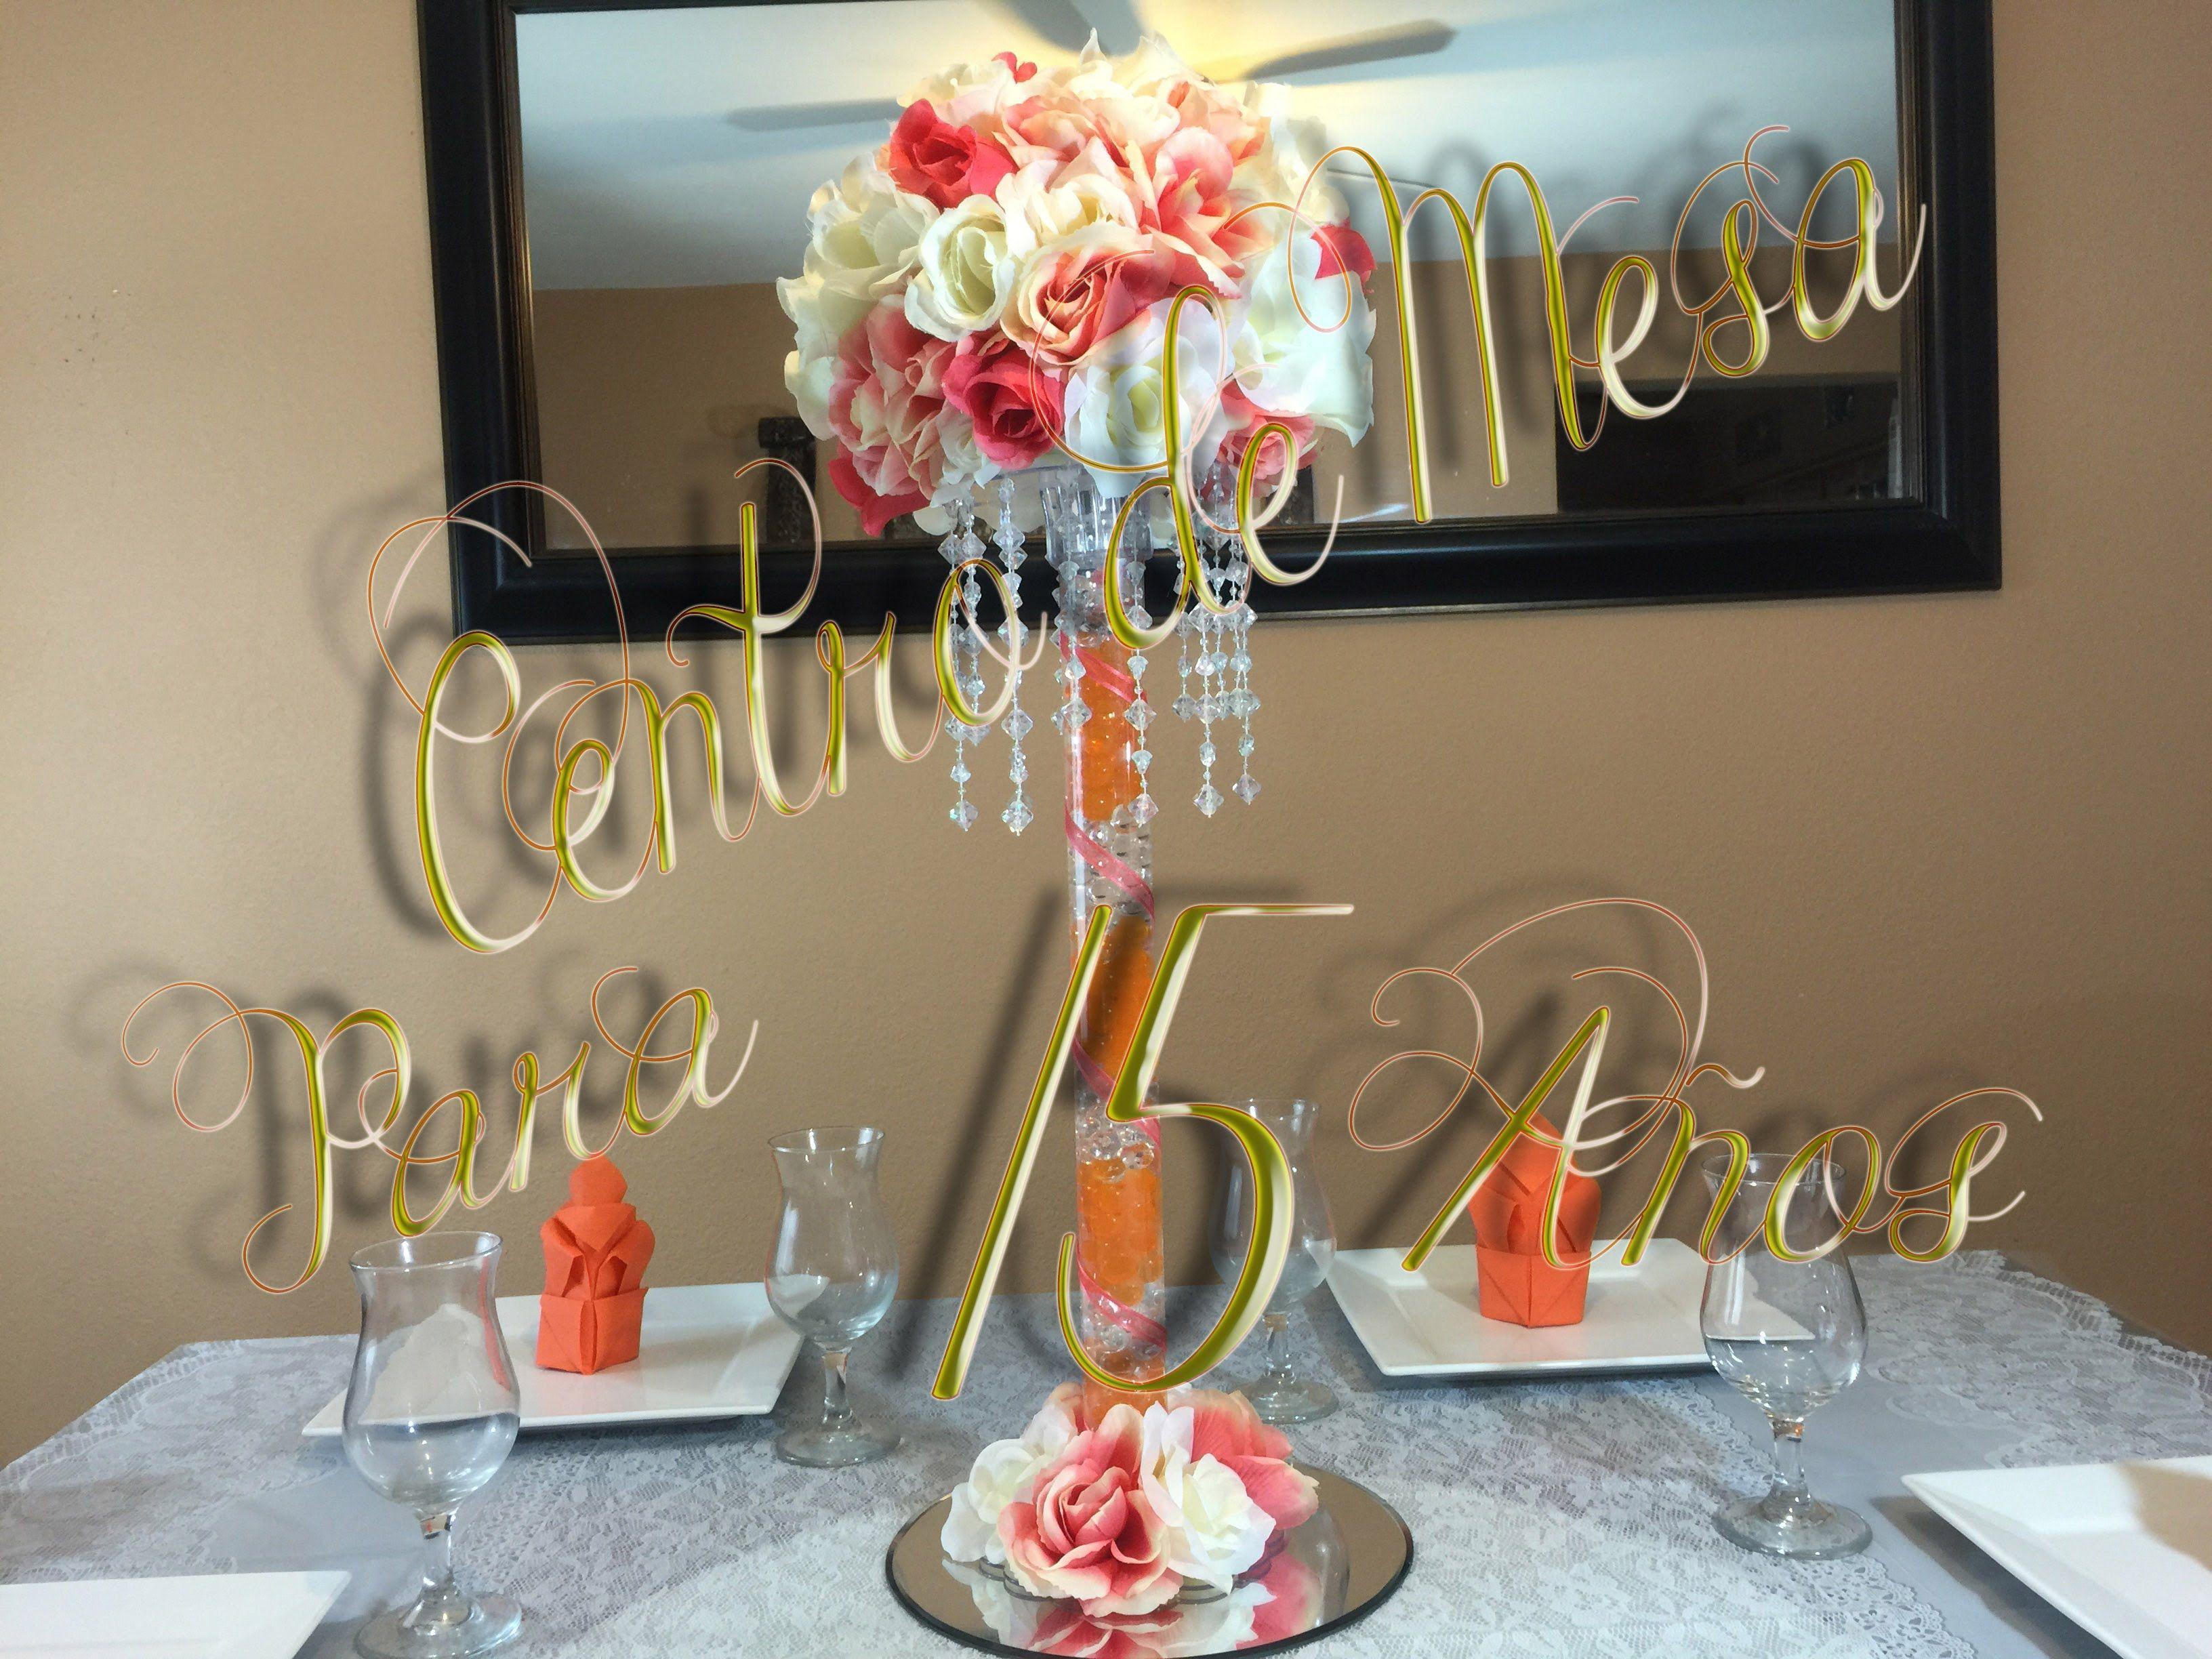 Centro de mesa para boda 15 a os adorno d bodas y algo - Centros de mesa para quinceaneras ...